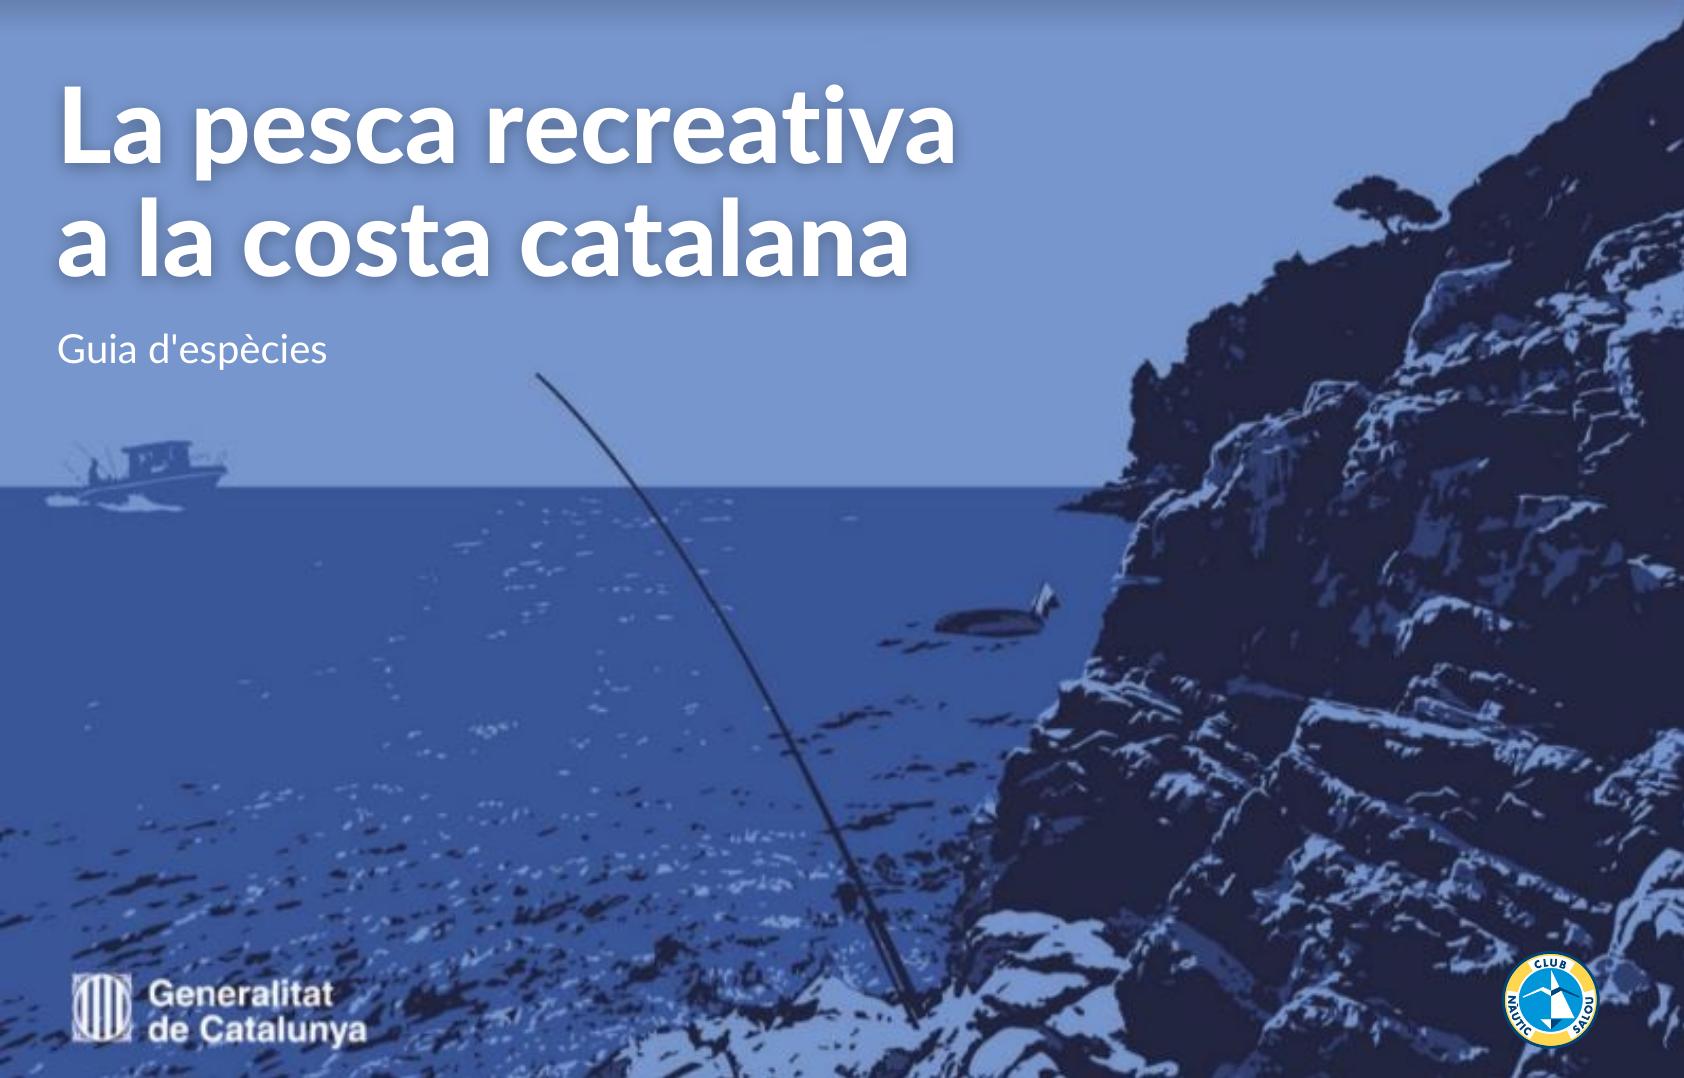 Pesca recreativa a la costa catalana